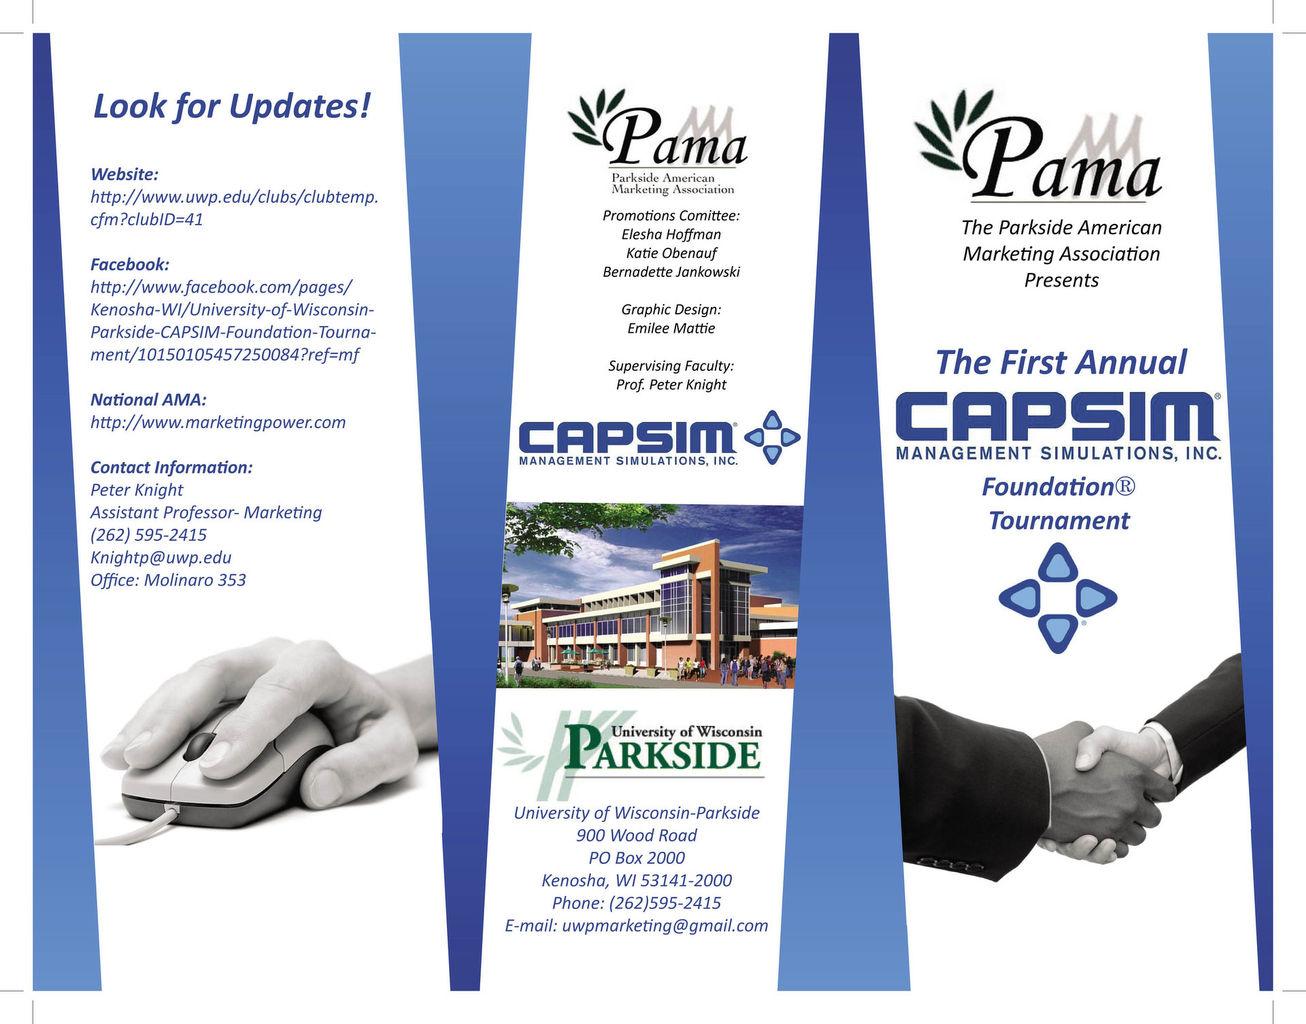 annual report capsim Shareholders debrief presentation team name 2015 capsim management simulations inc 1 enhancement release - 4/4/2015 - capsim blog apr 4 capsim annual report digby.